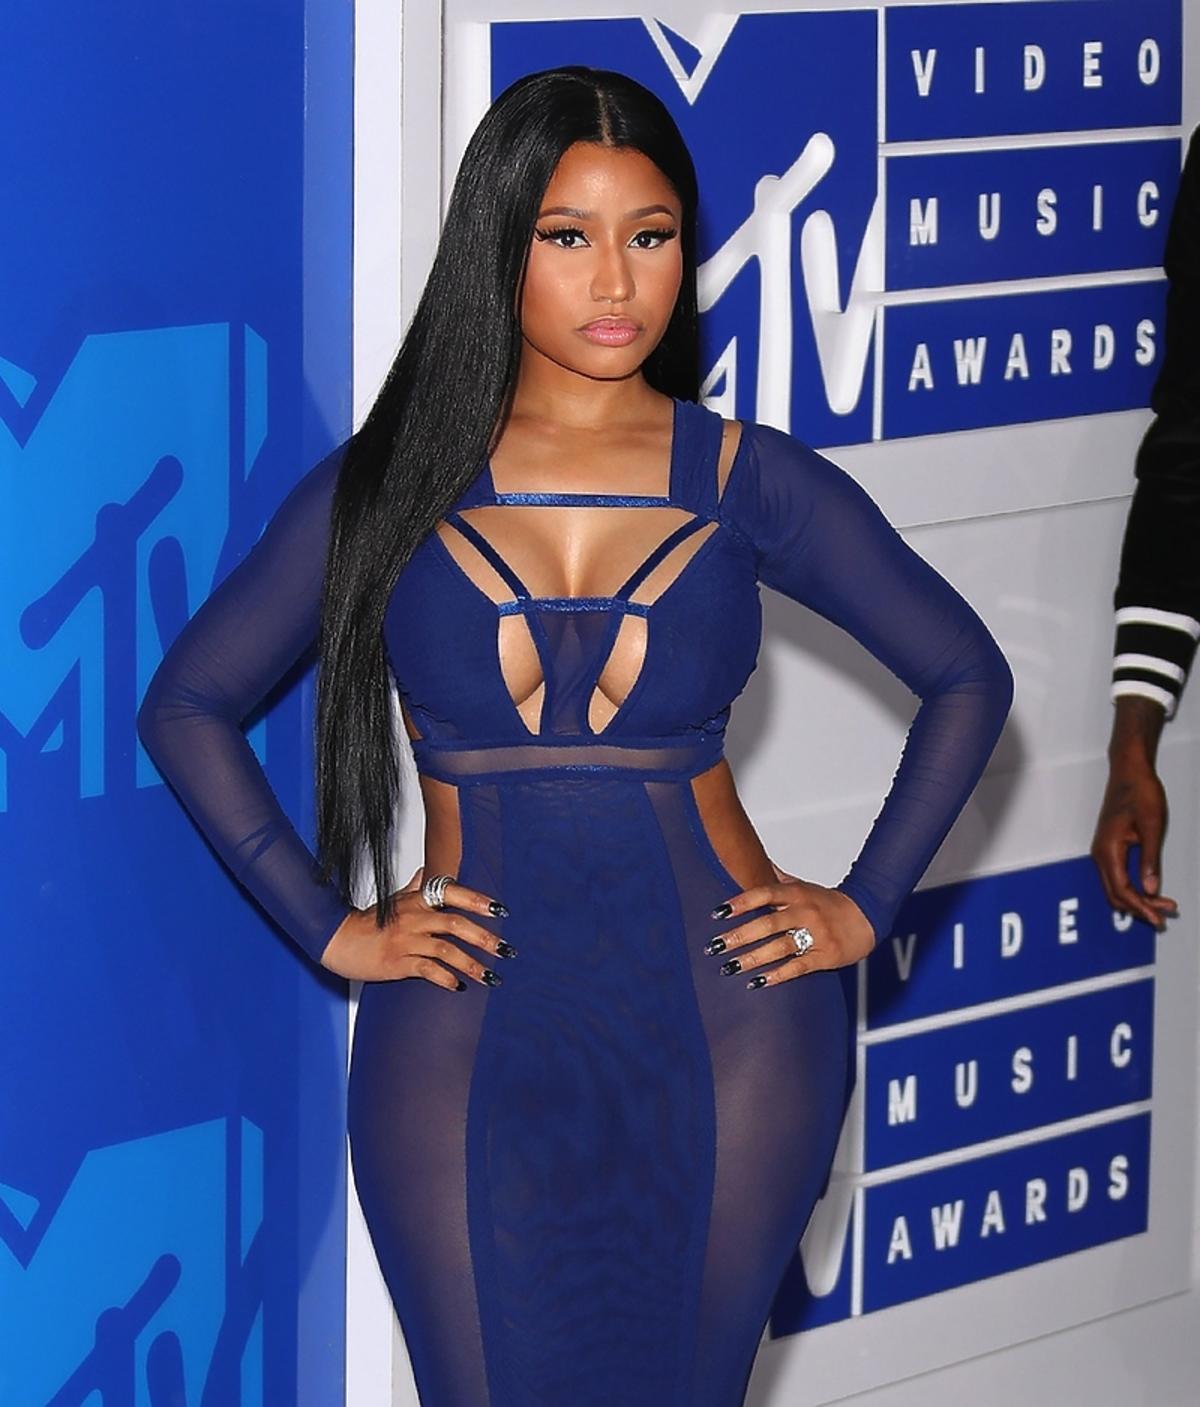 Nicki Minaj w granatowej obcisłej sukni